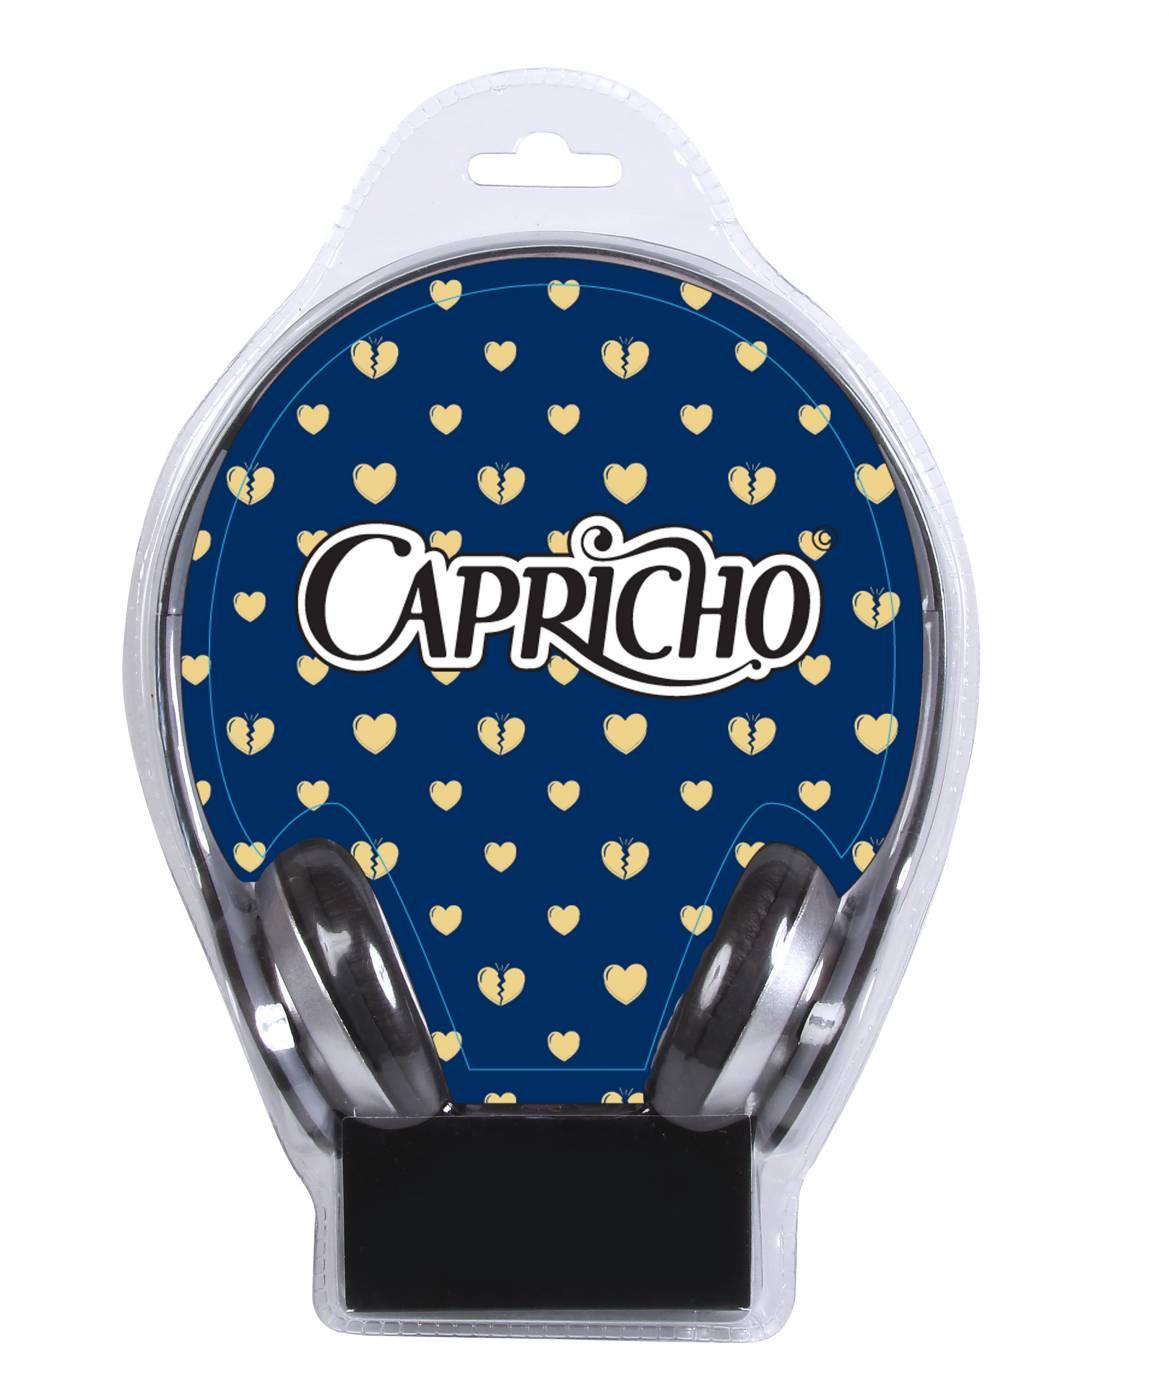 Mochila Grande DMW Capricho 11368 - Corações